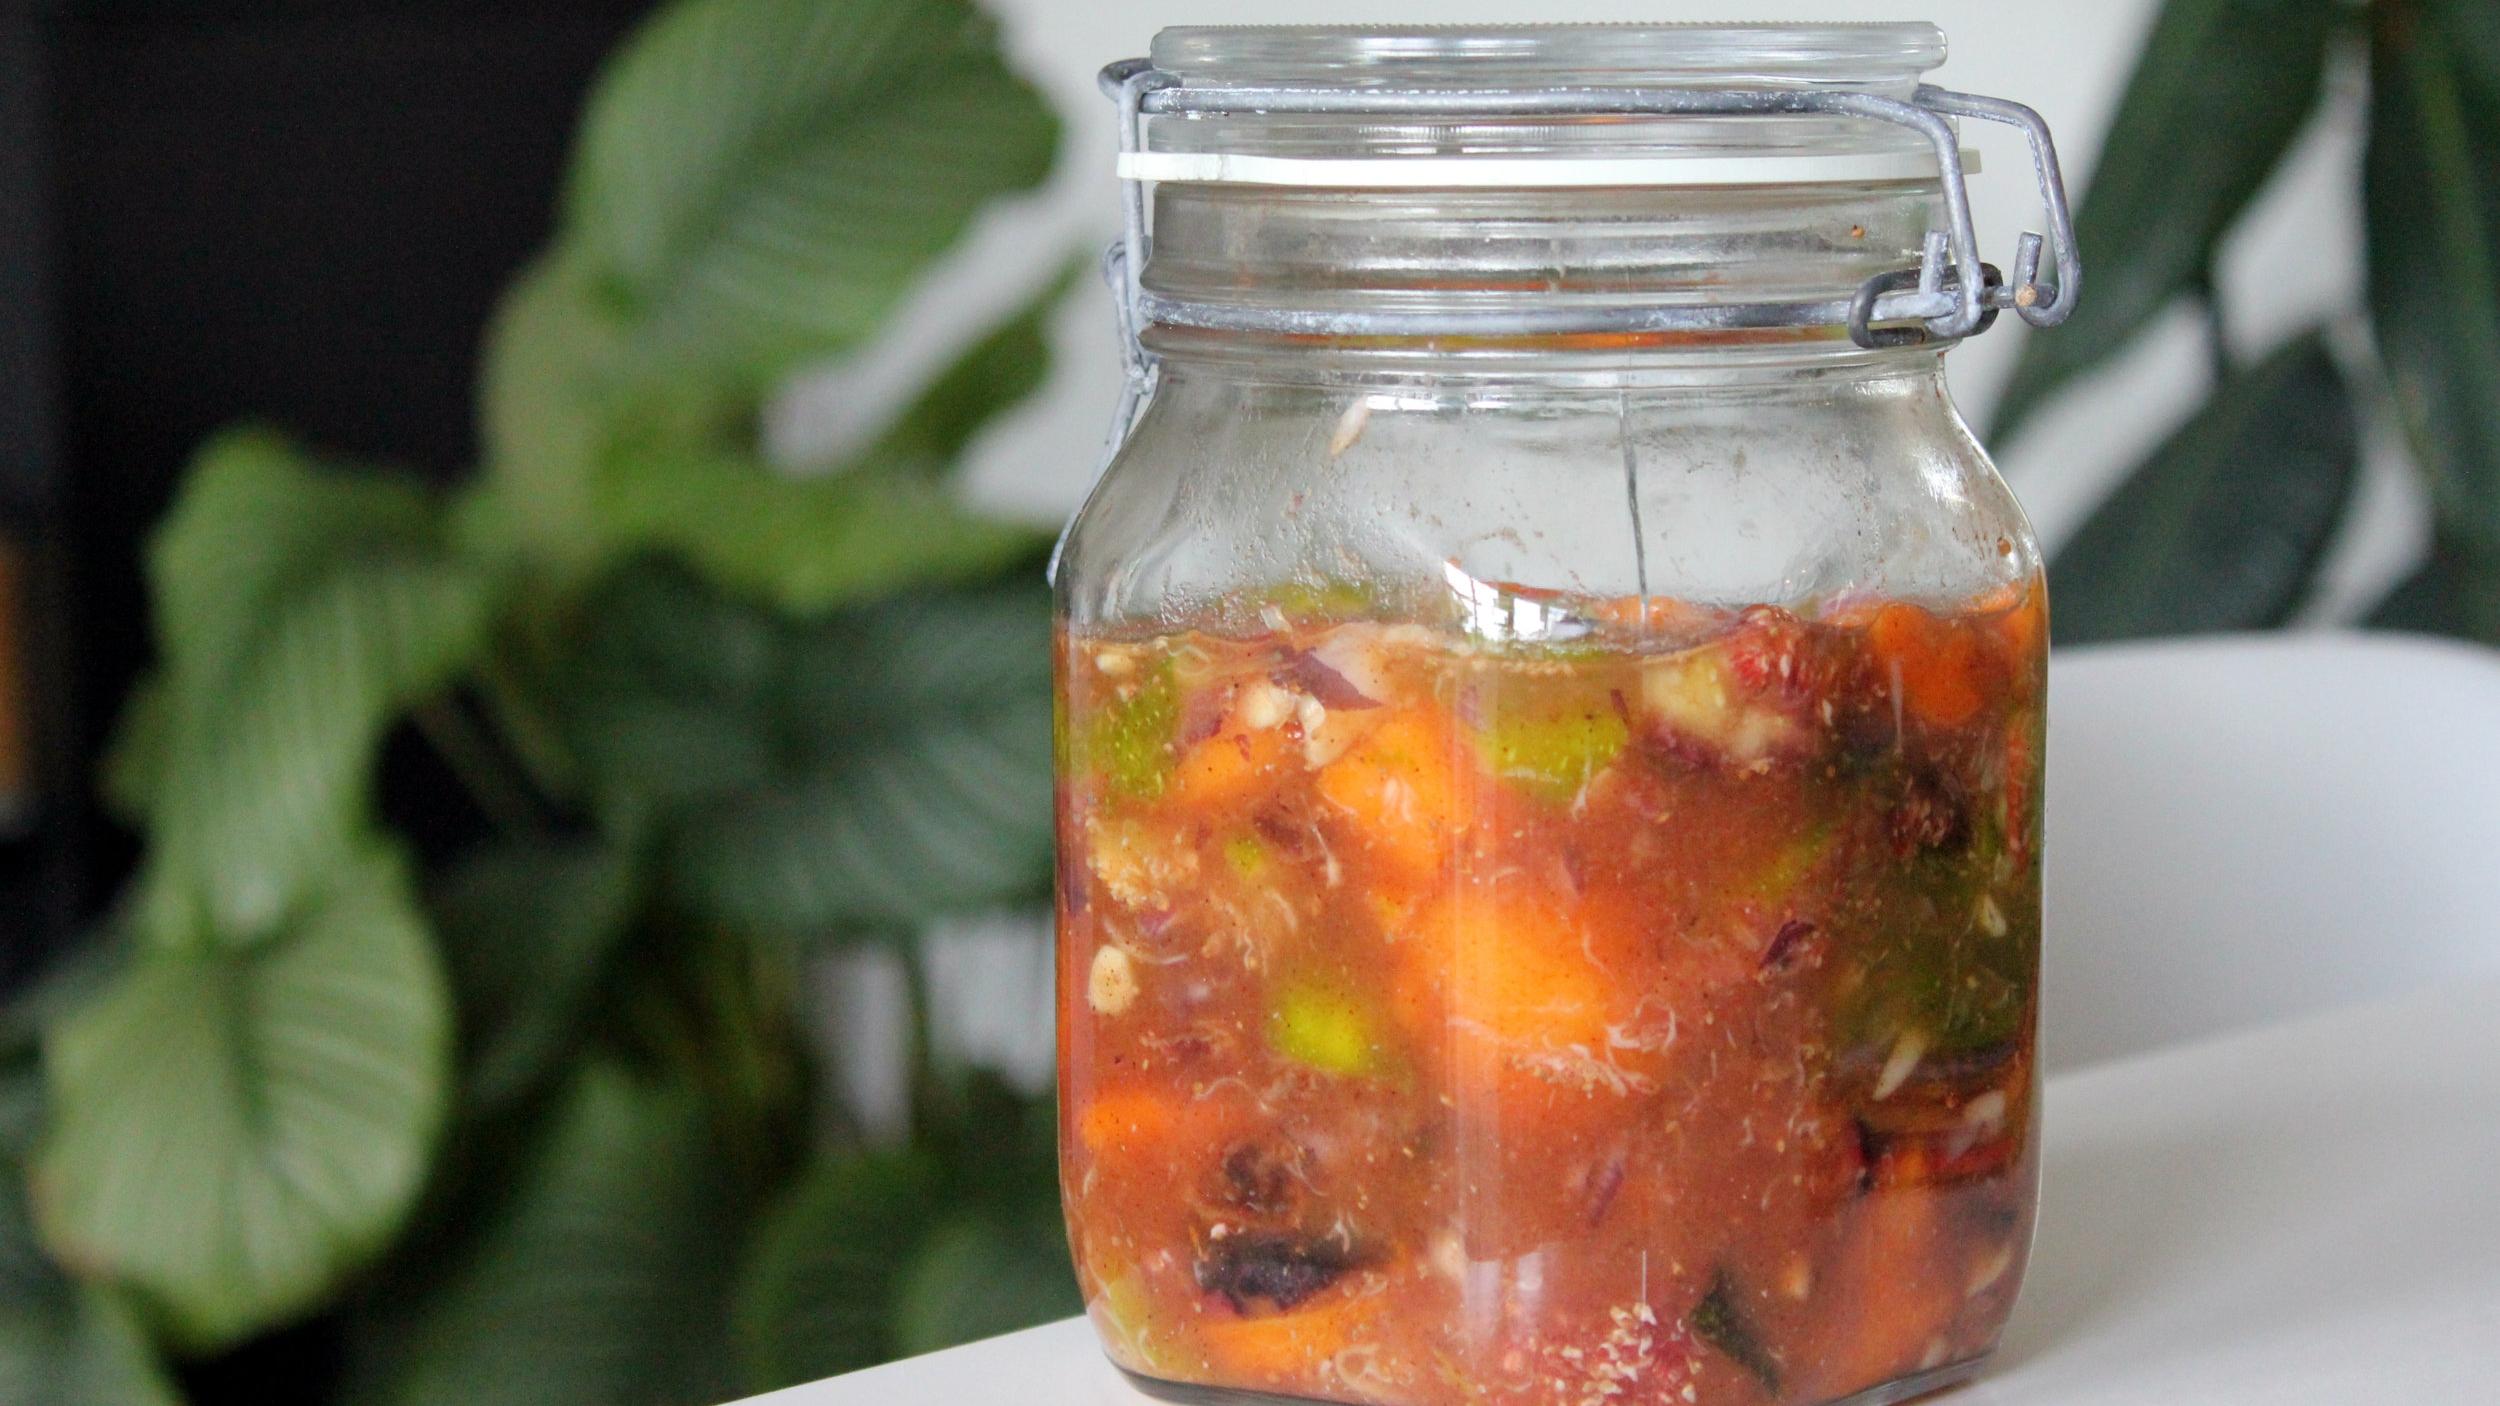 Sladko-kislo-pikantno sadje se fermentira!